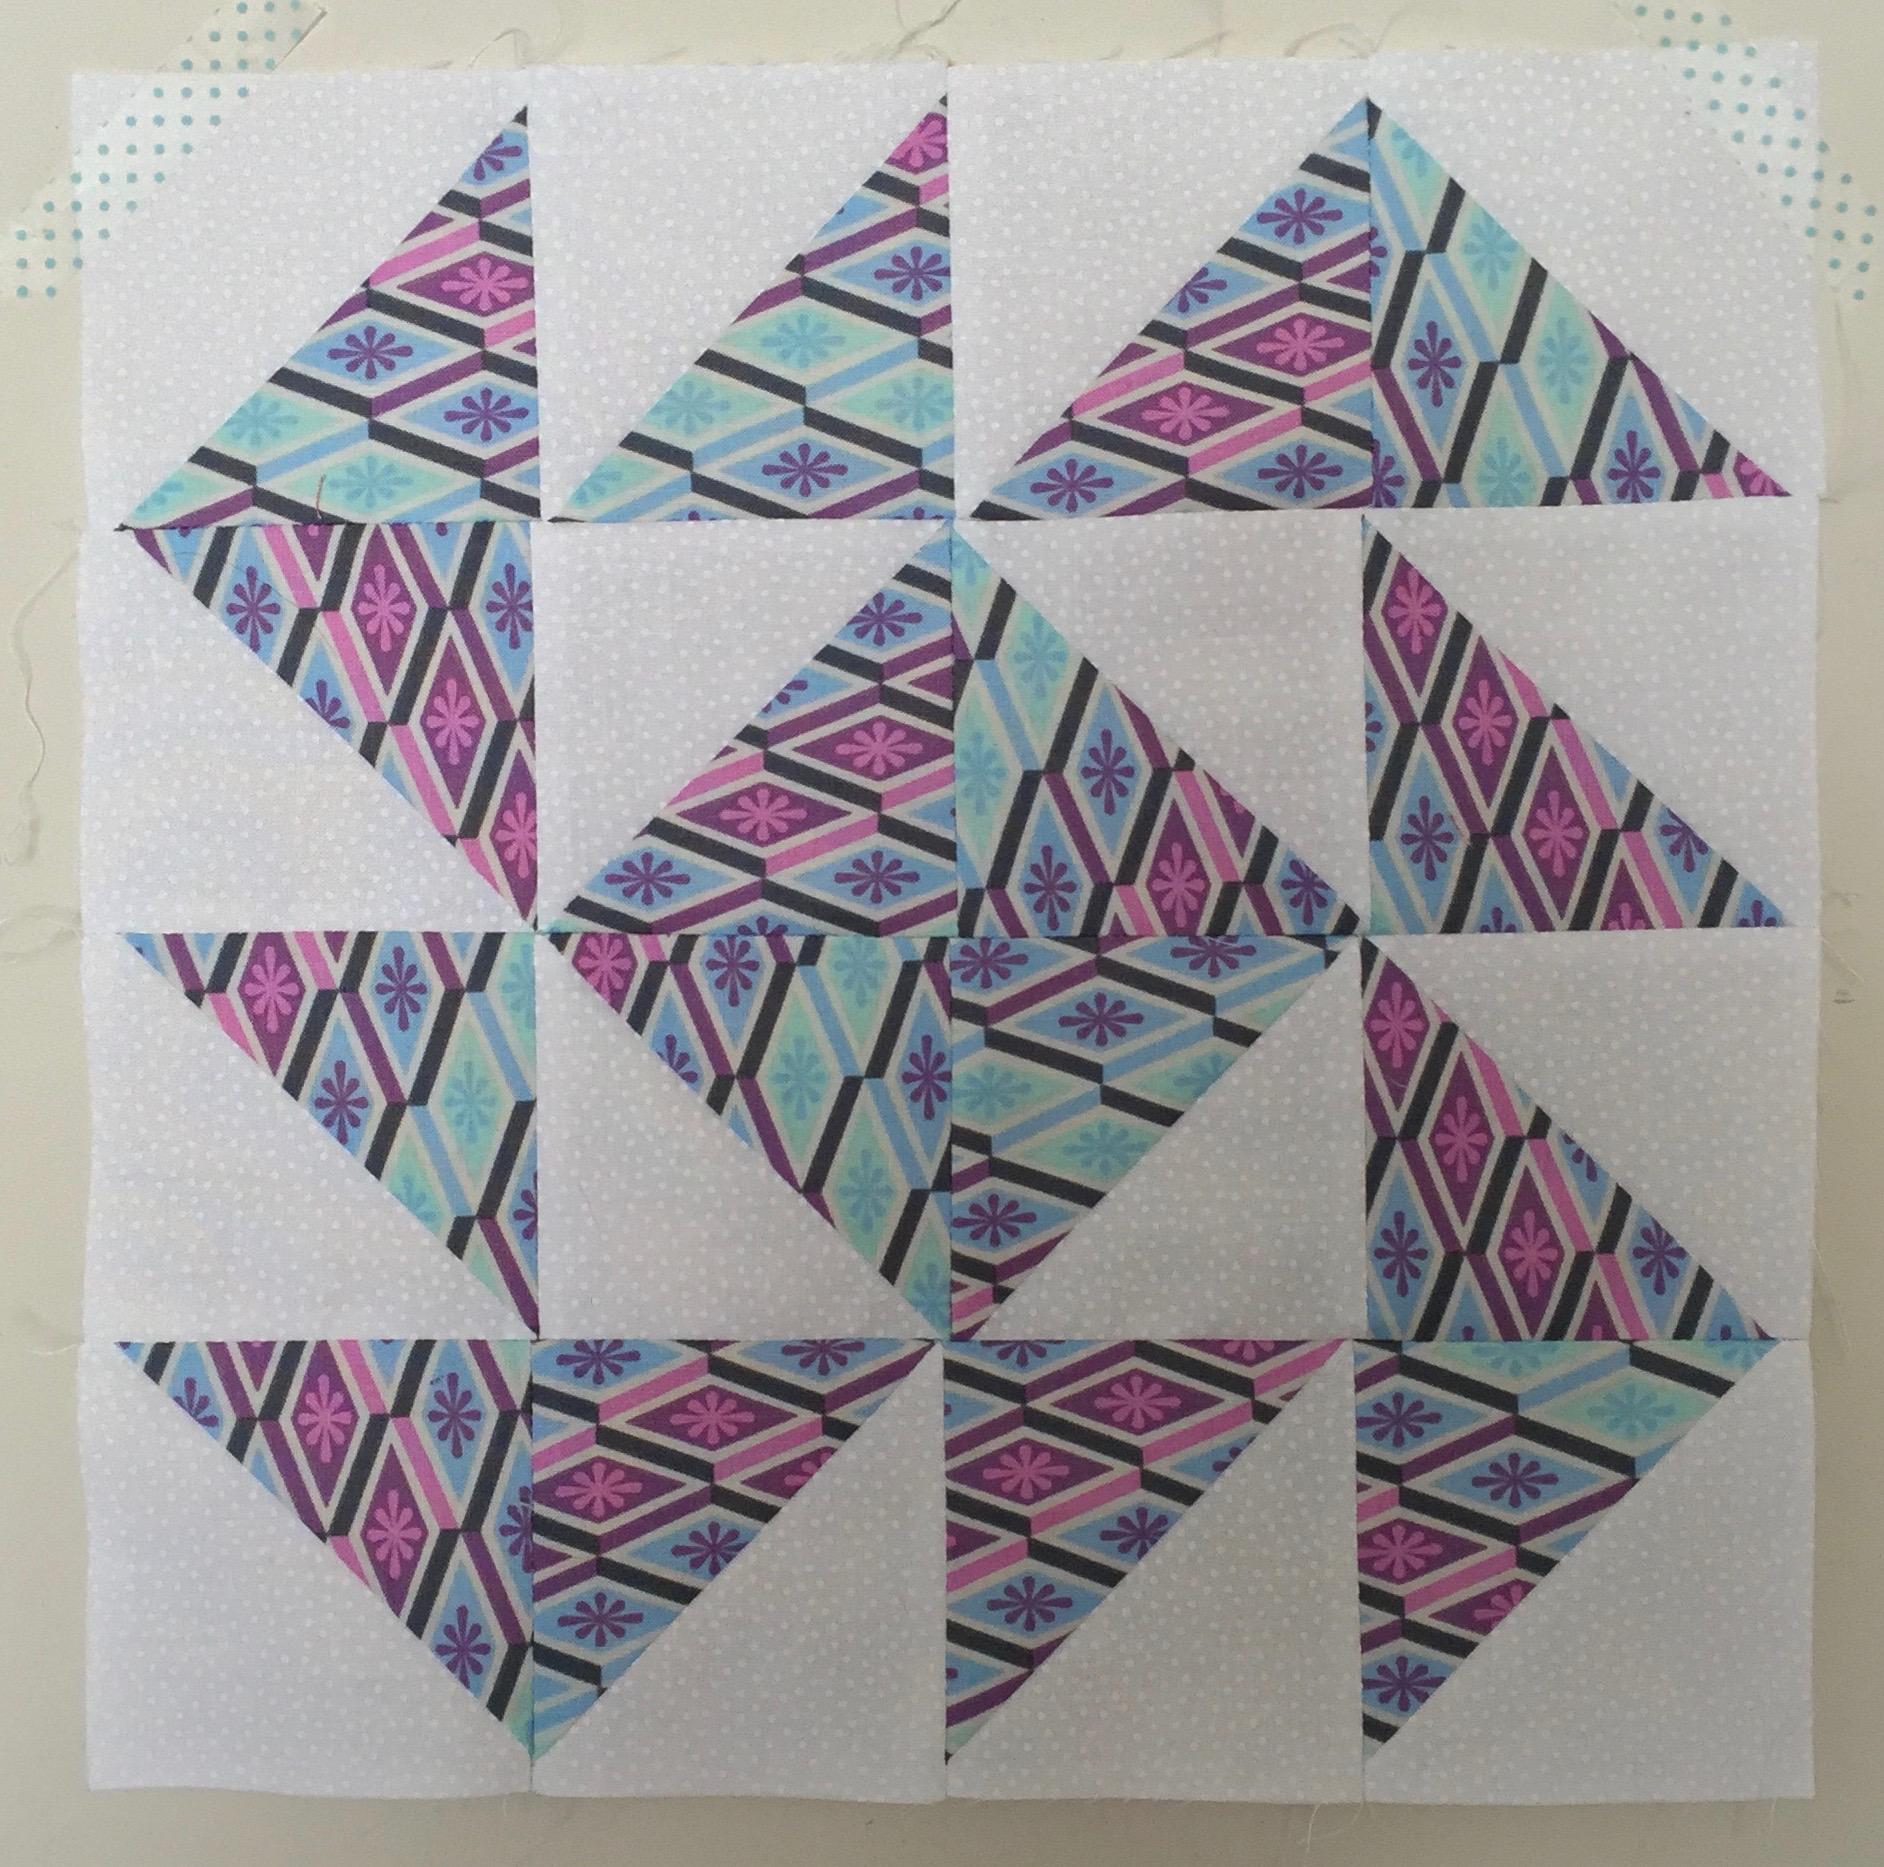 Yankee Puzzle (variation) Half Square Triangle Quilt Block